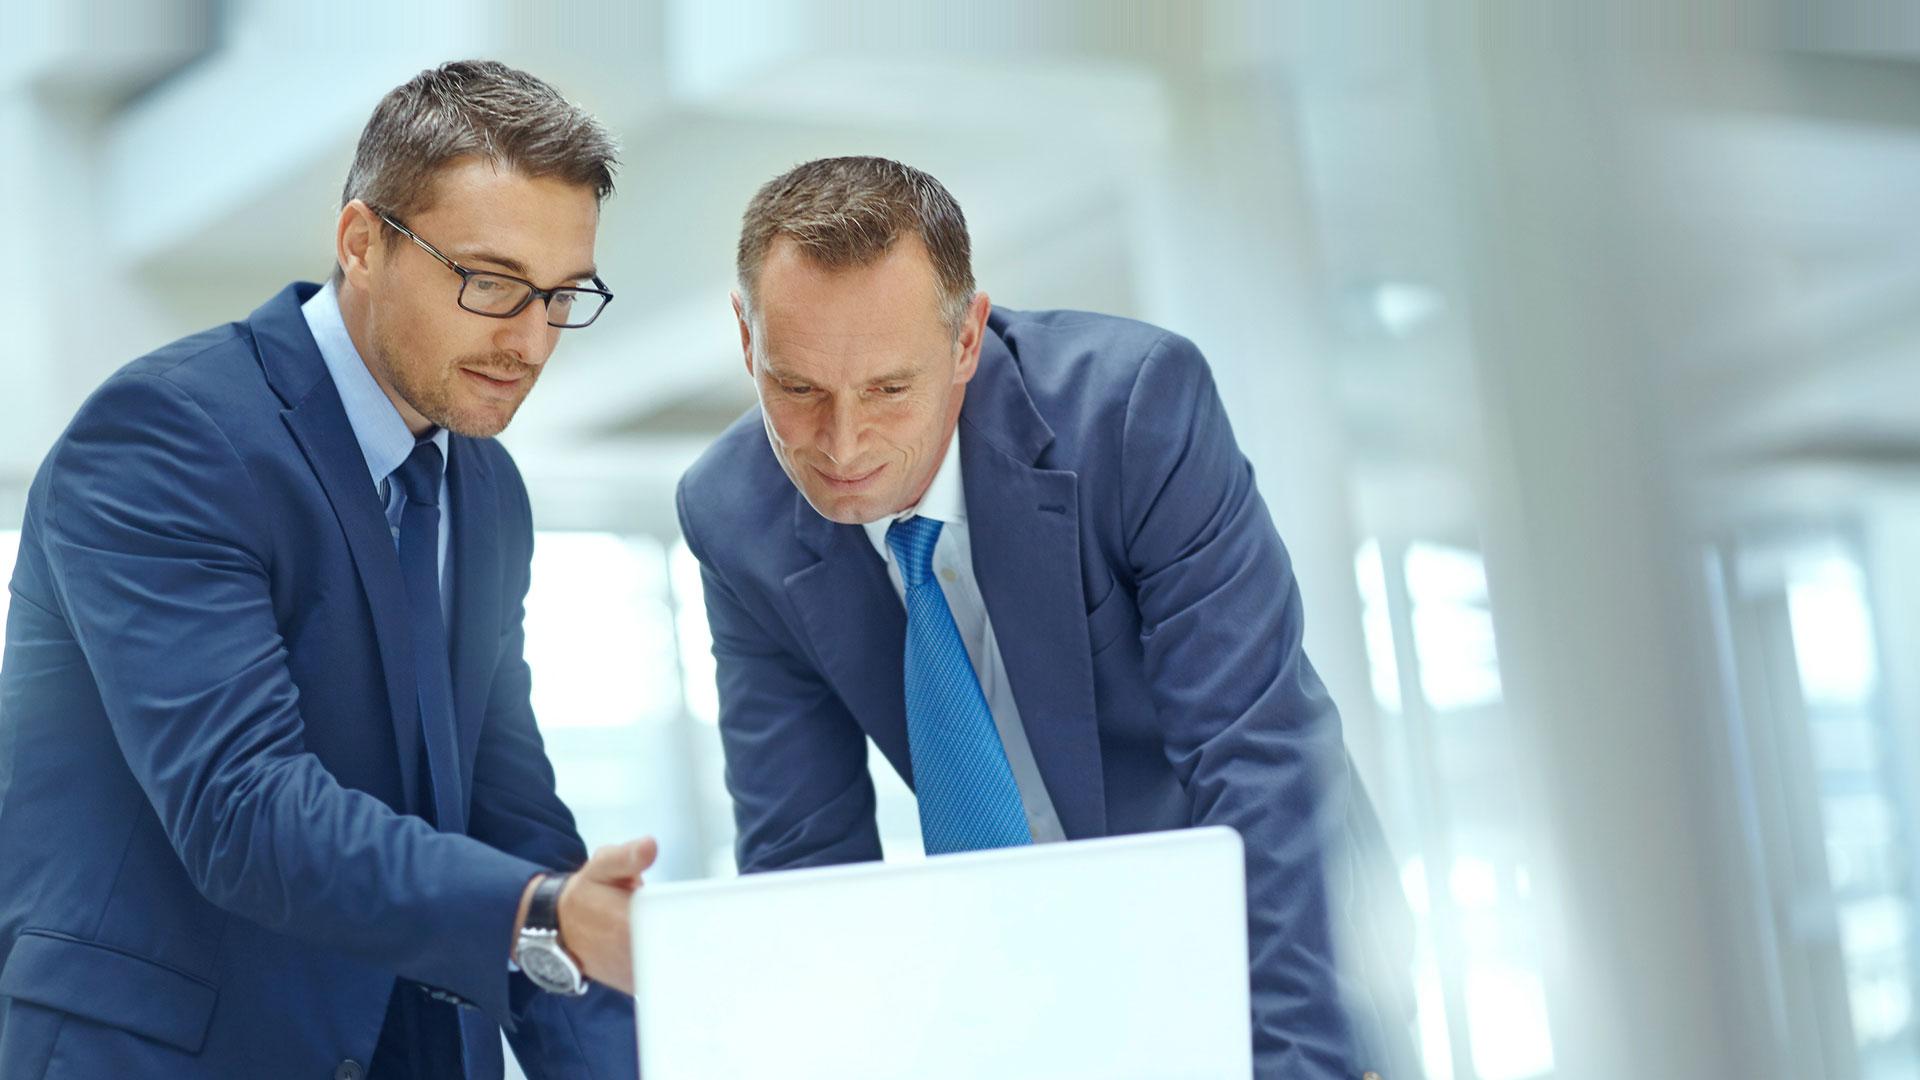 Studie zum Firmenkundengeschäft von Versicherern